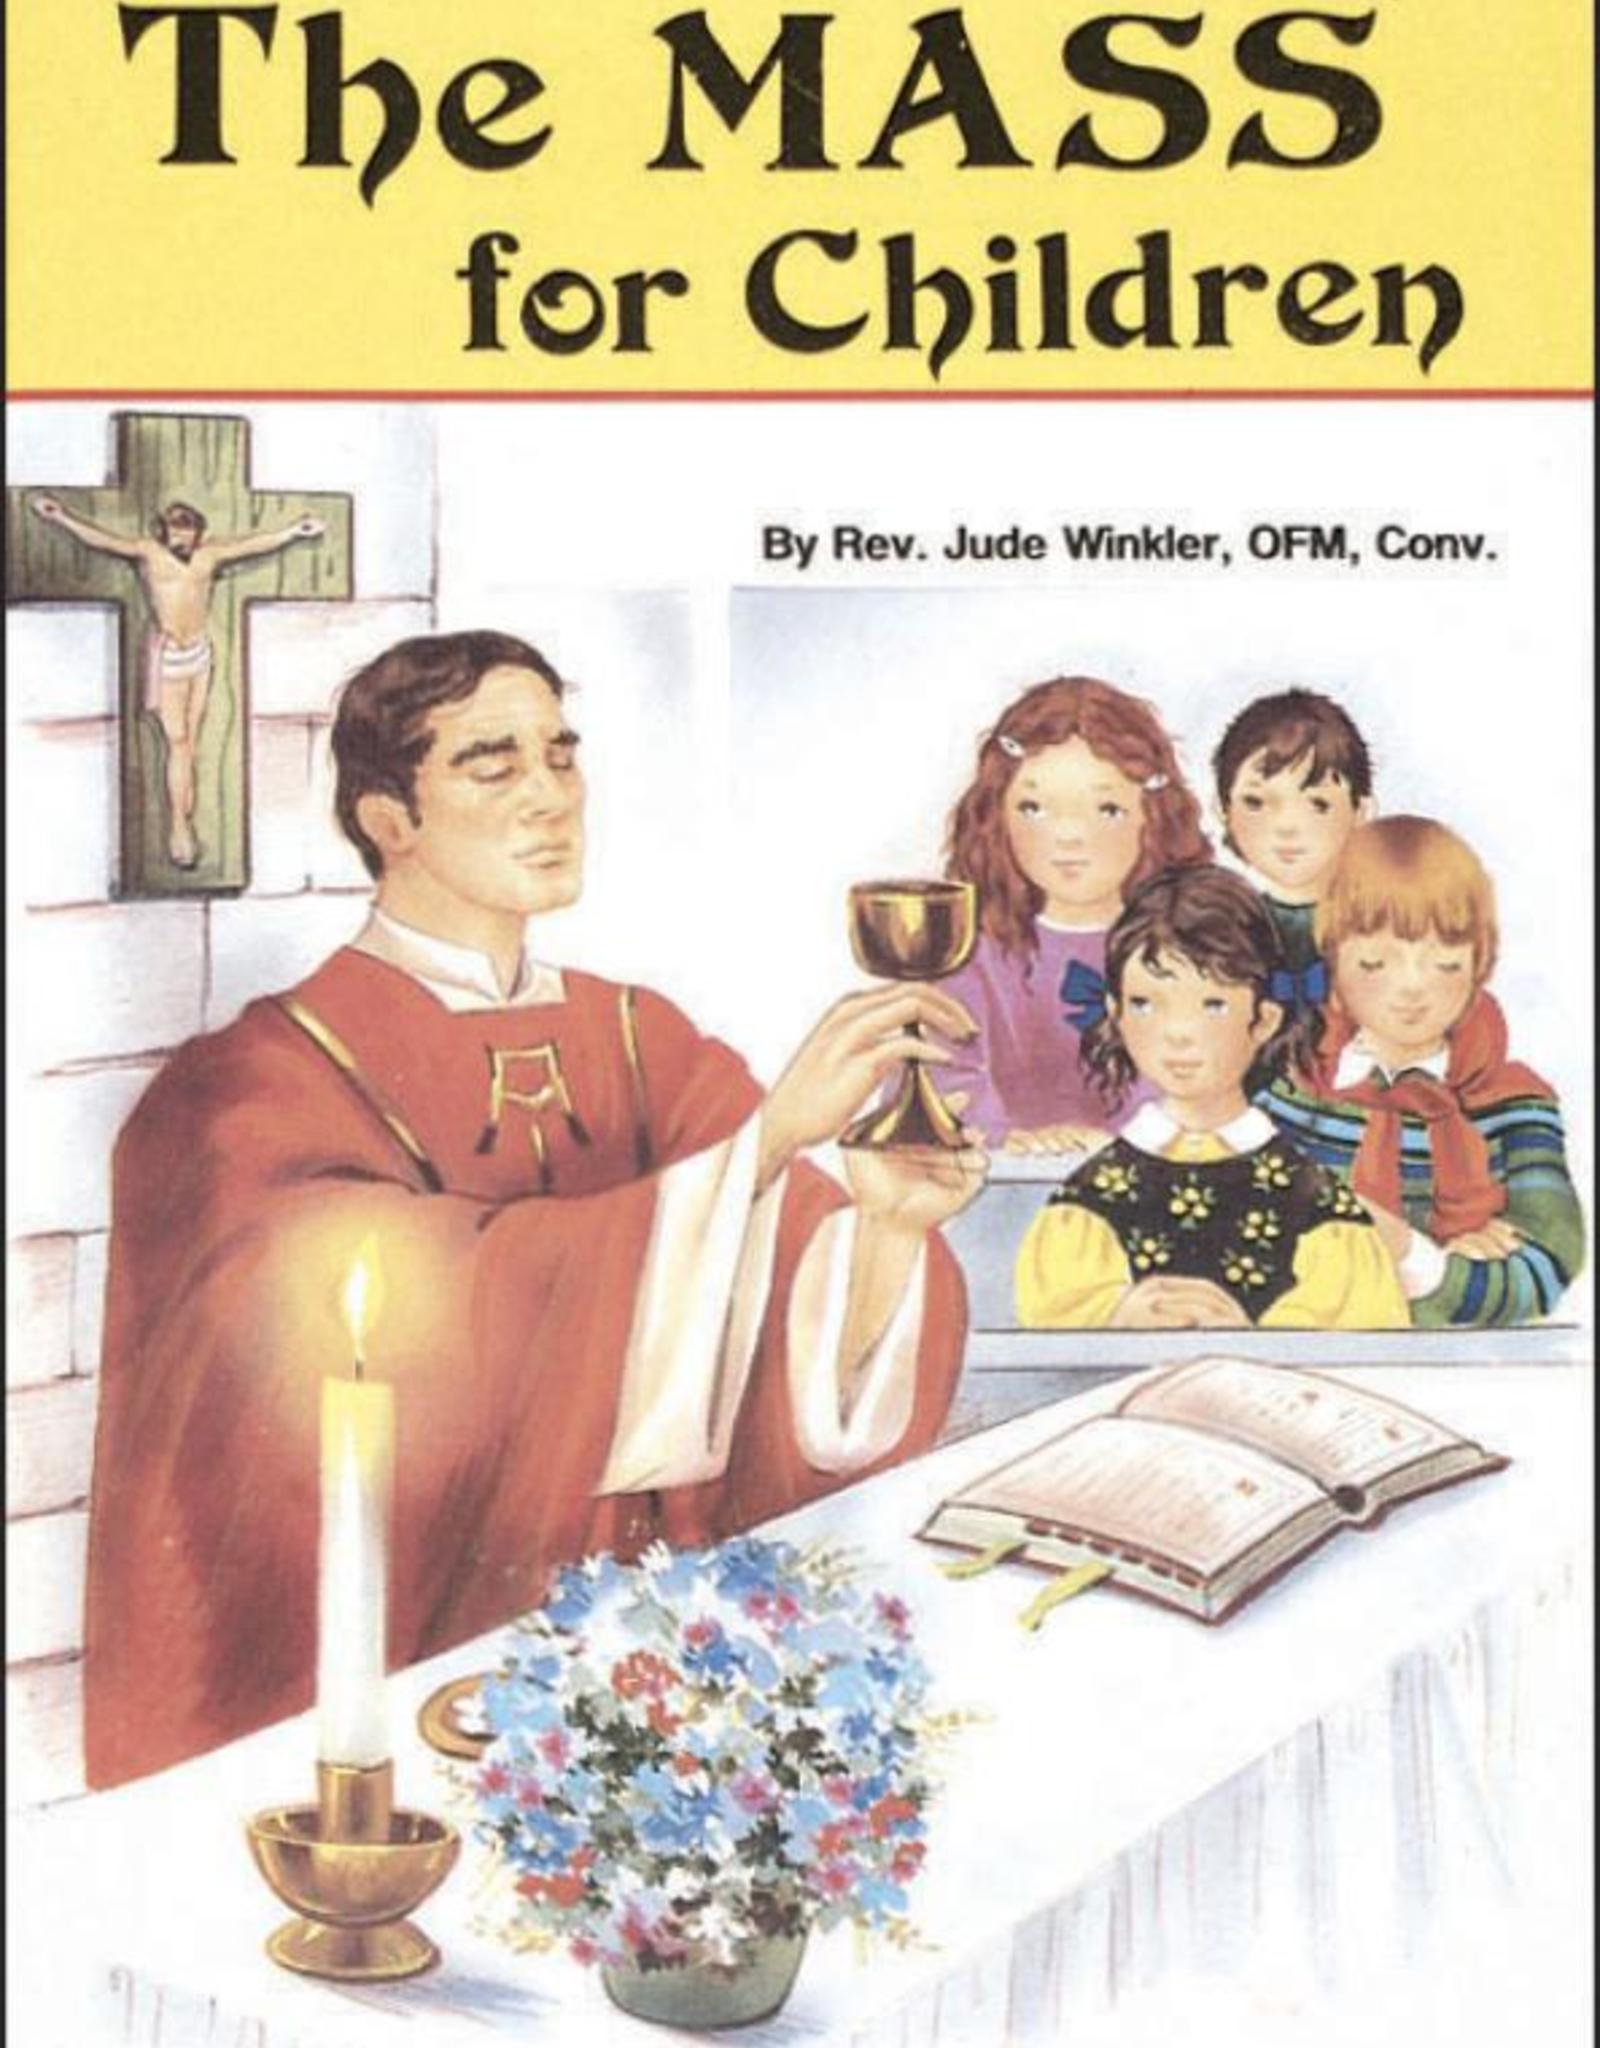 Catholic Book Publishing The Mass for Children, by Rev. Jude Winkler